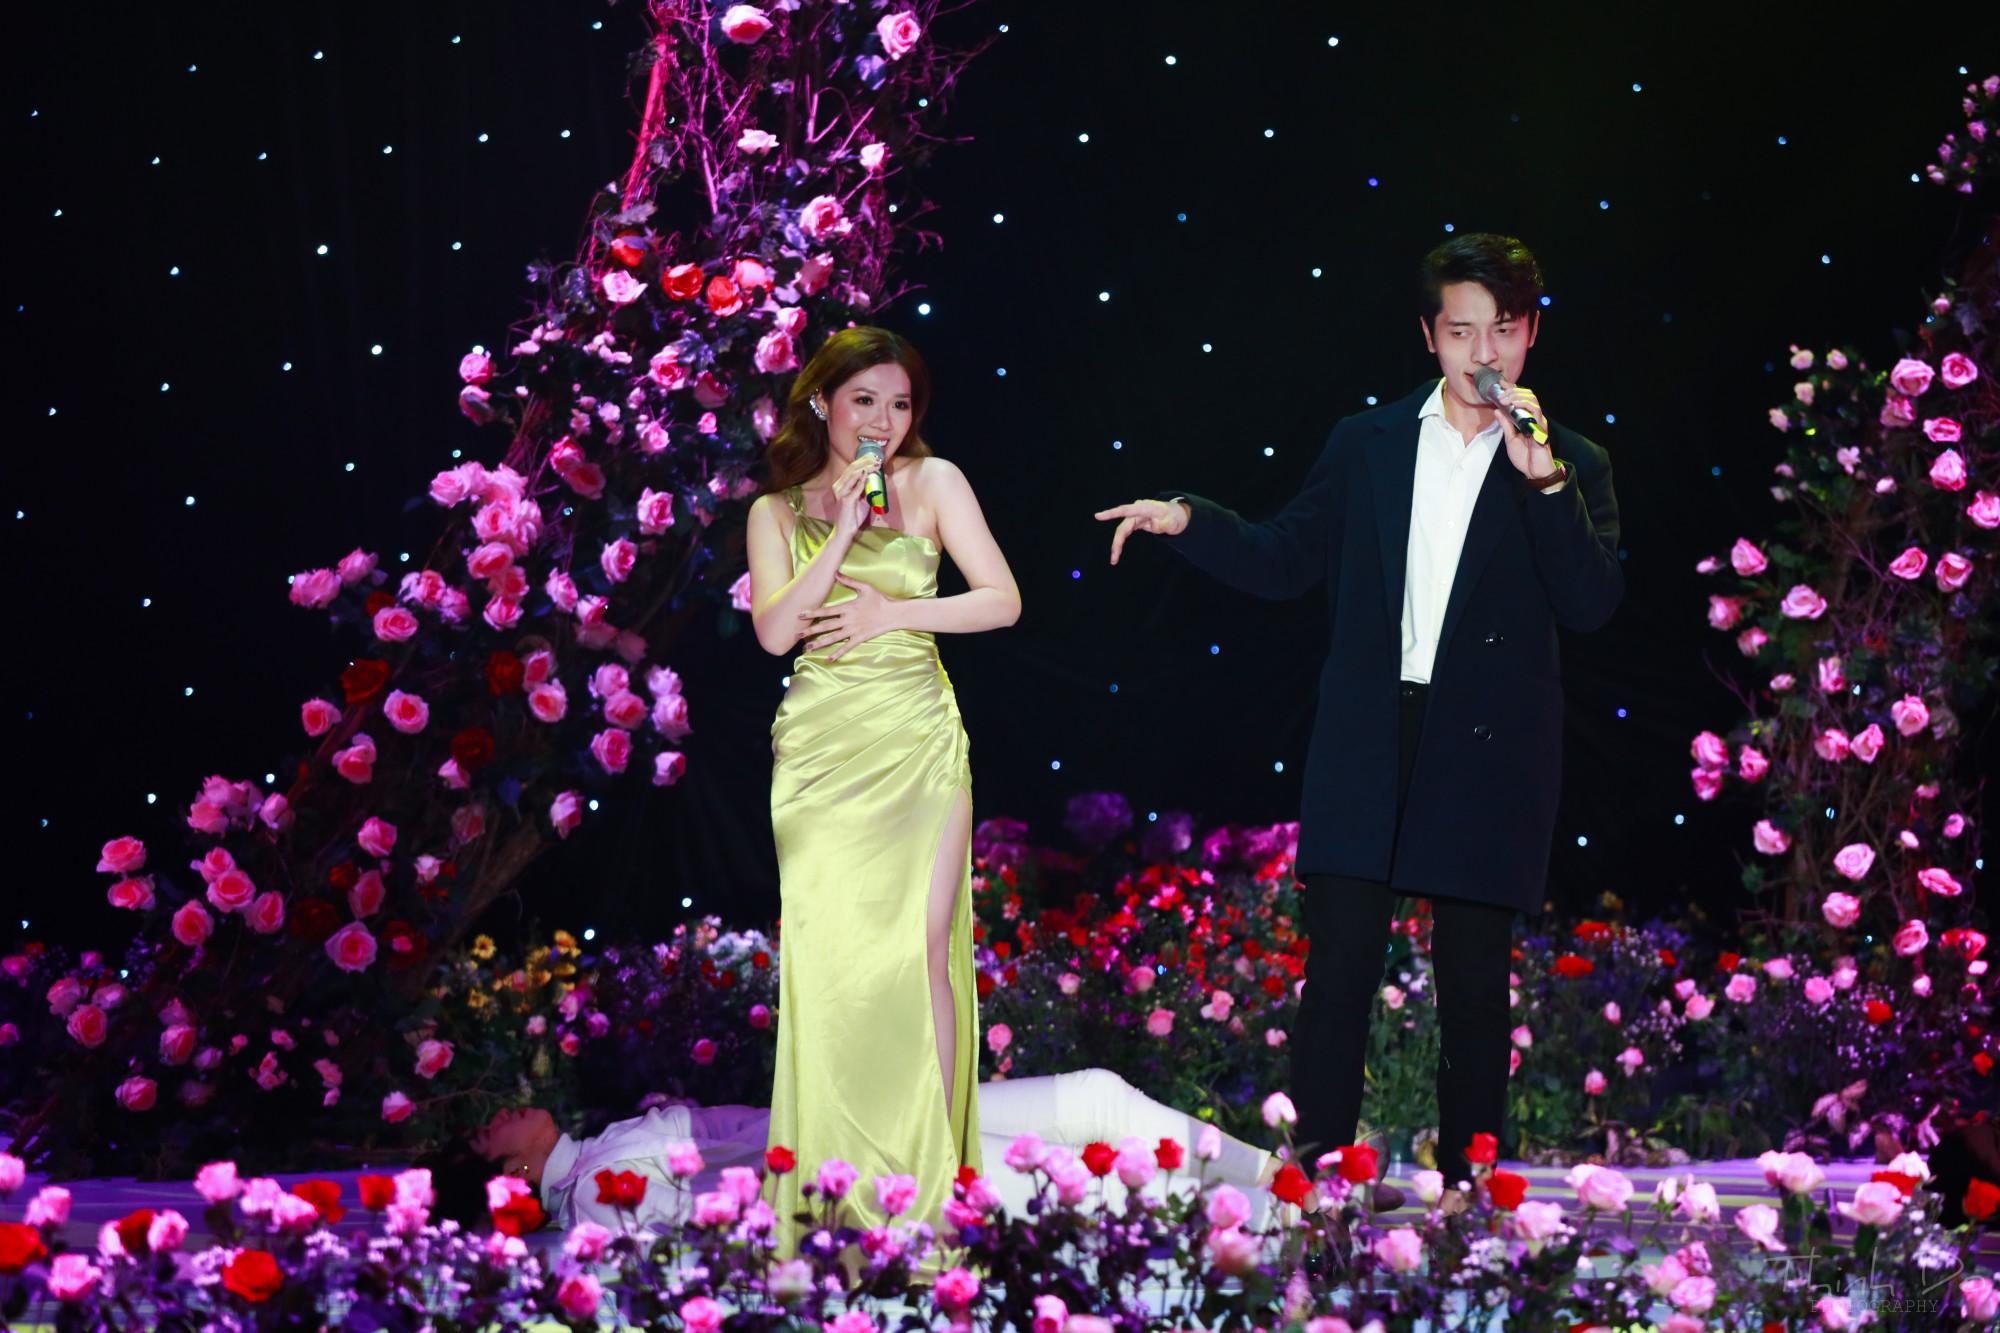 Chương trình đã được ghi hình trước, khán giả có thể tương tác trên fanpage